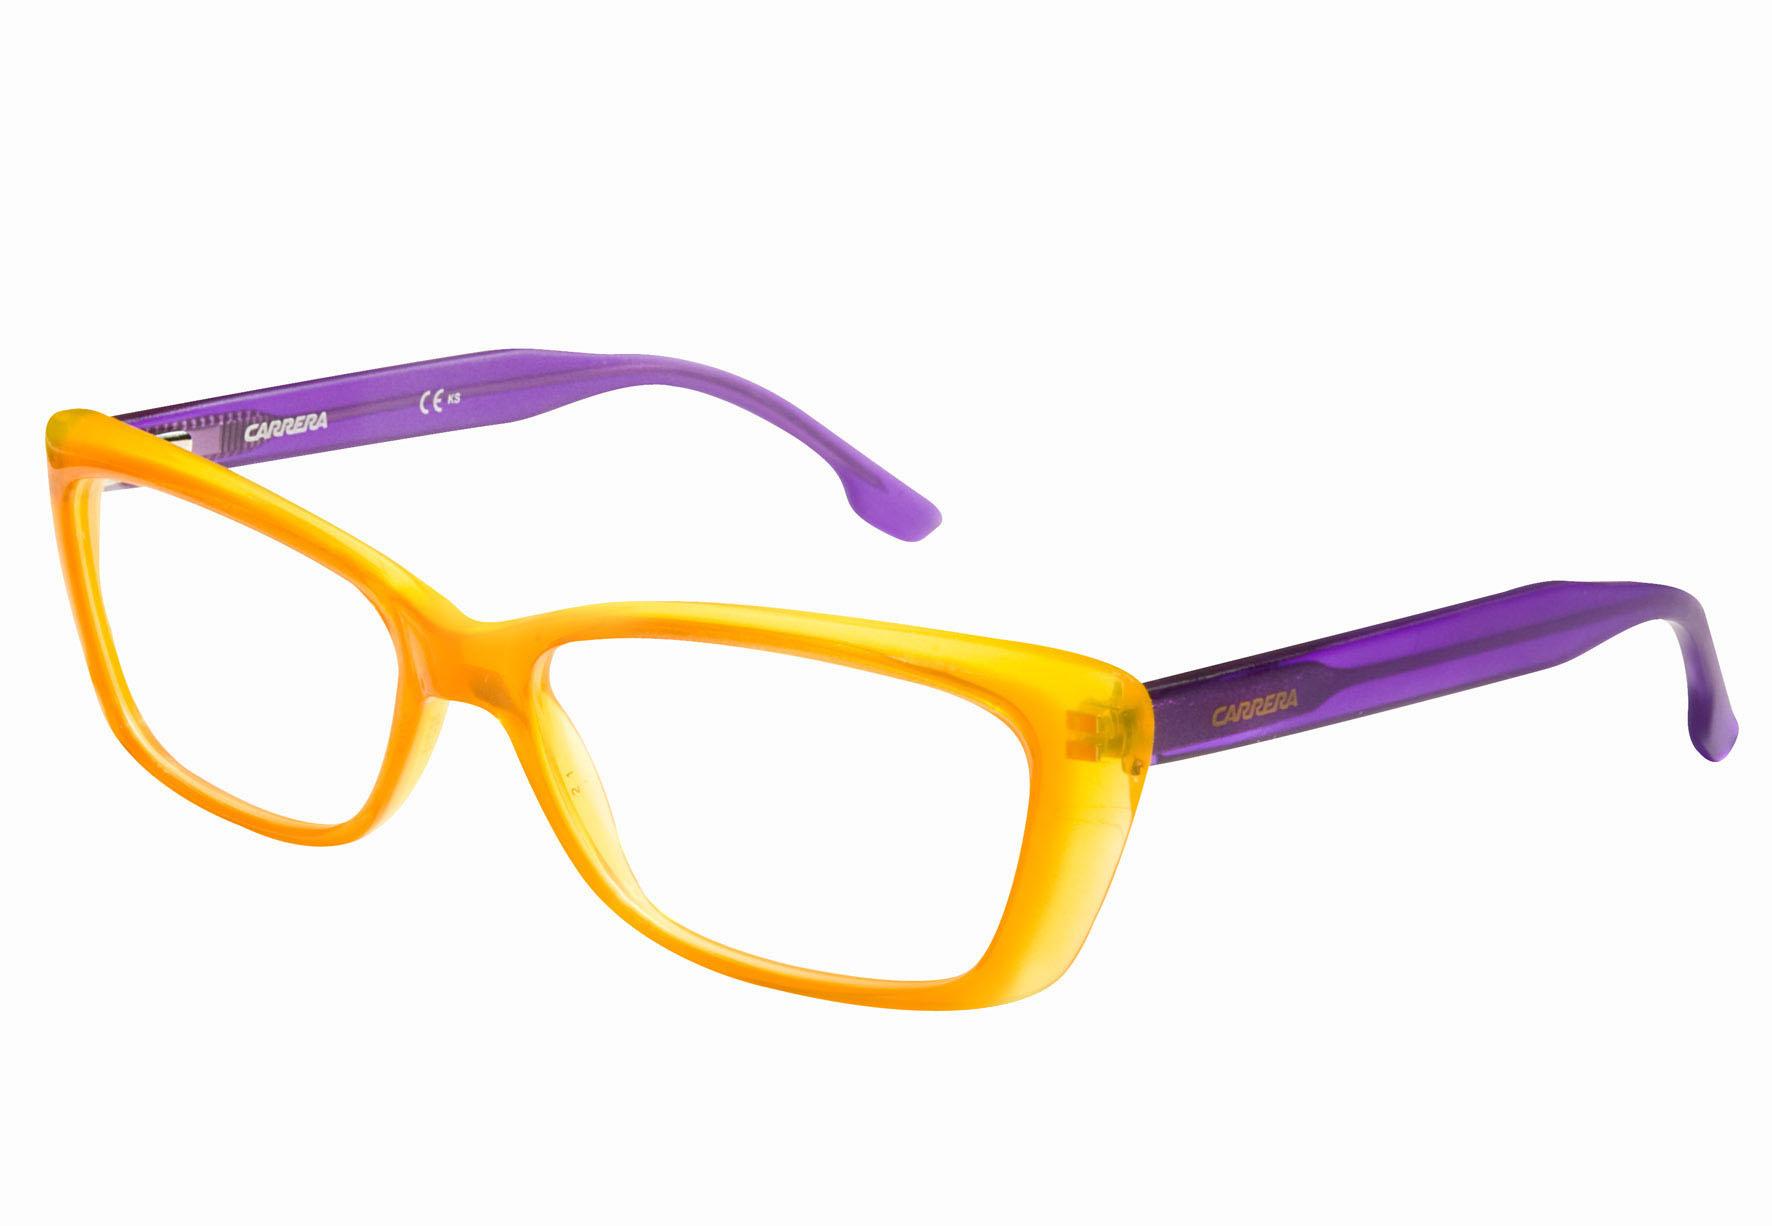 Plastikowe oprawki do okularów opanowały blogi modowe oraz ulice miast